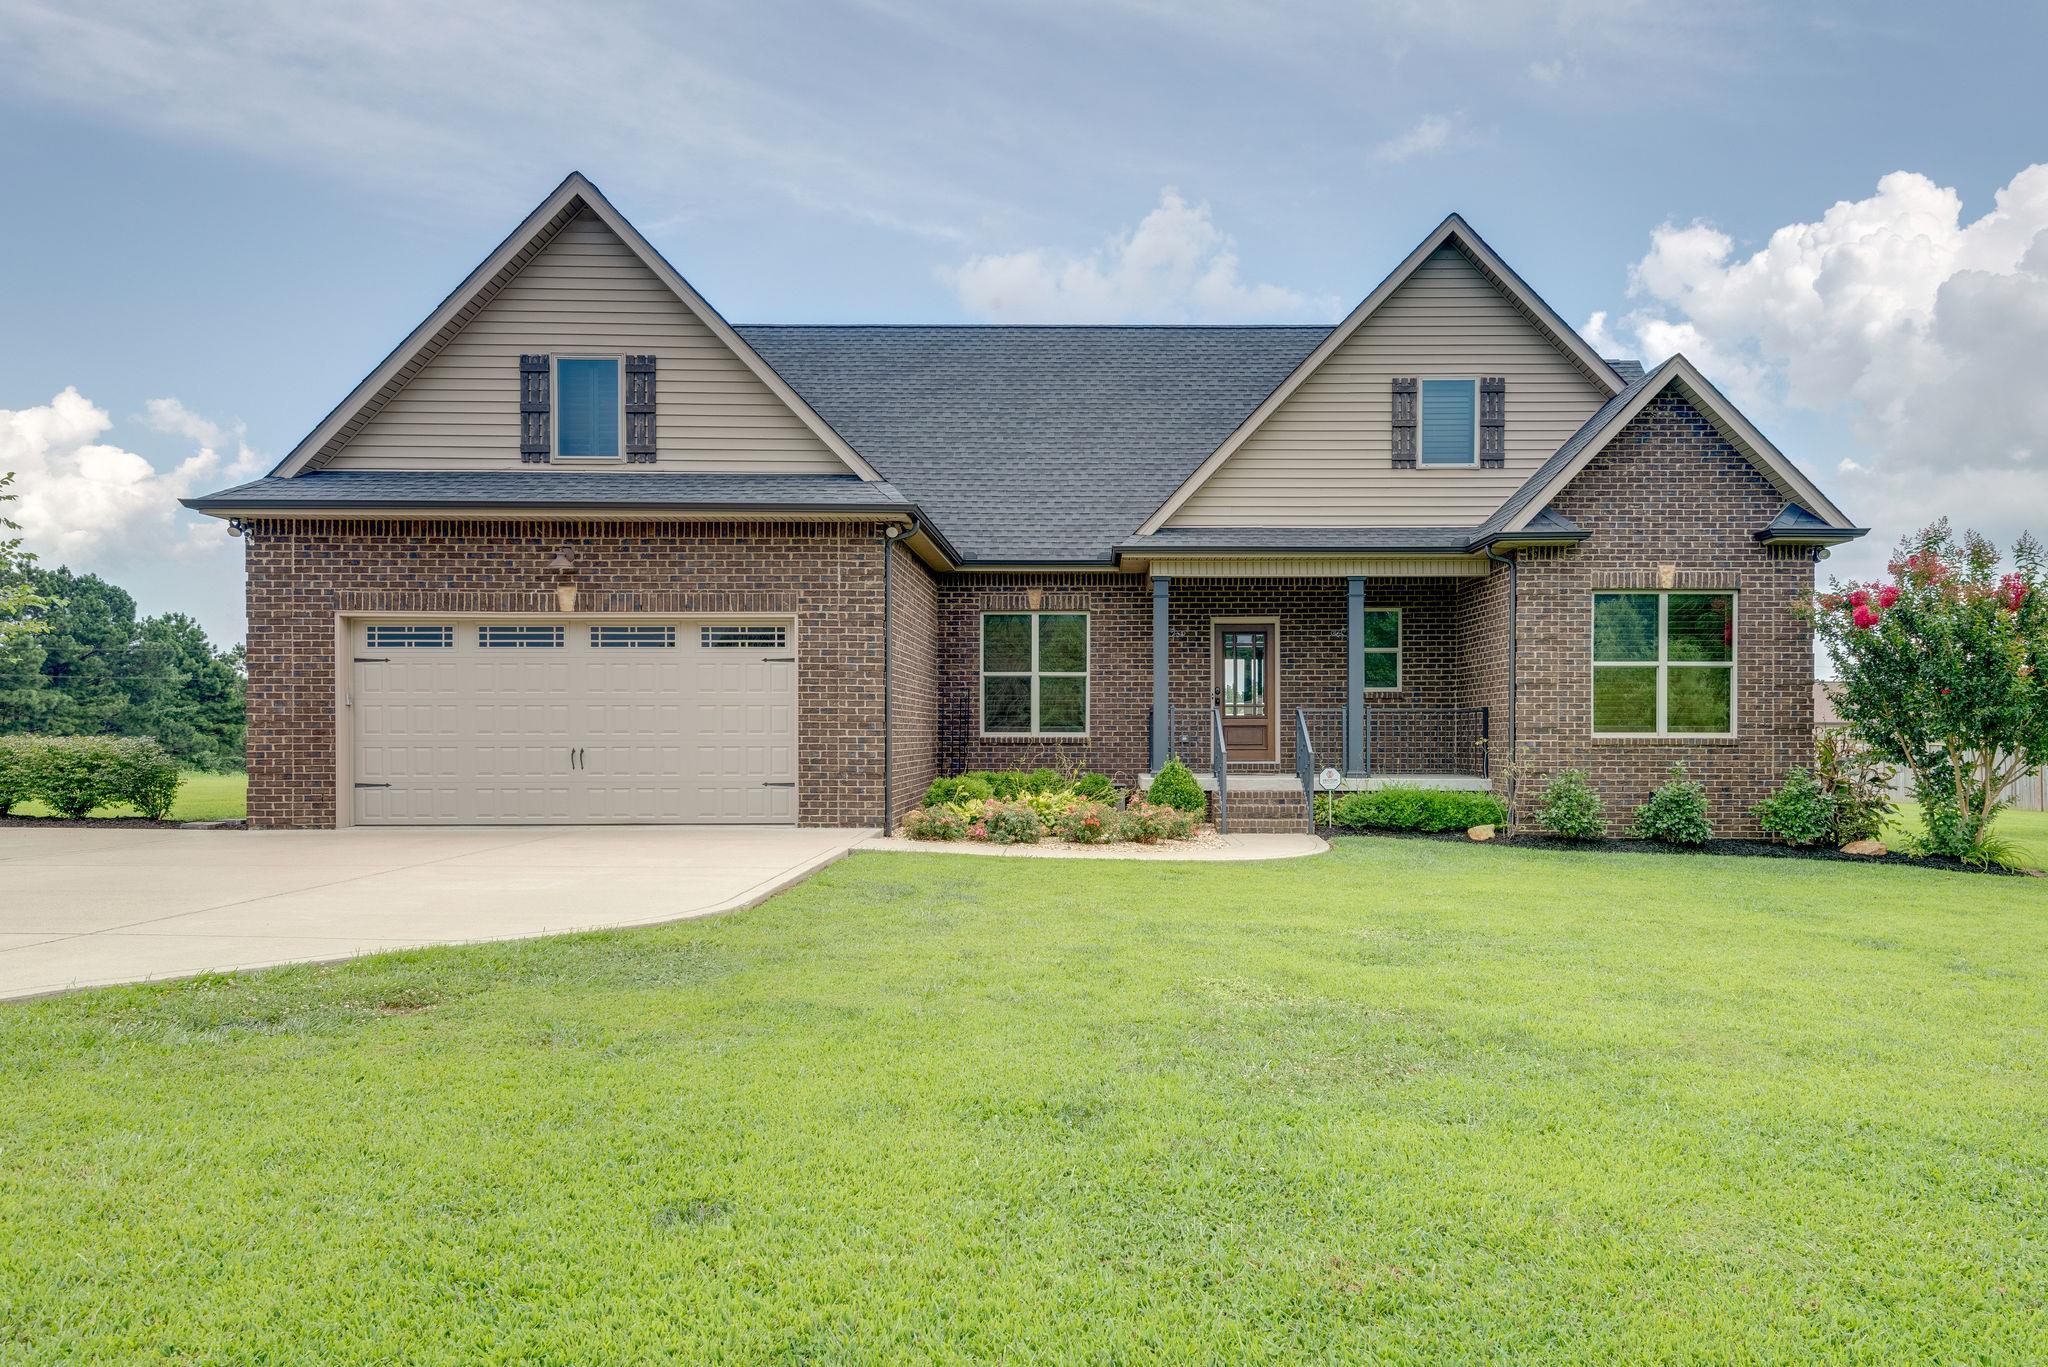 365 John Murrell Rd, Bon Aqua, TN 37025 - Bon Aqua, TN real estate listing